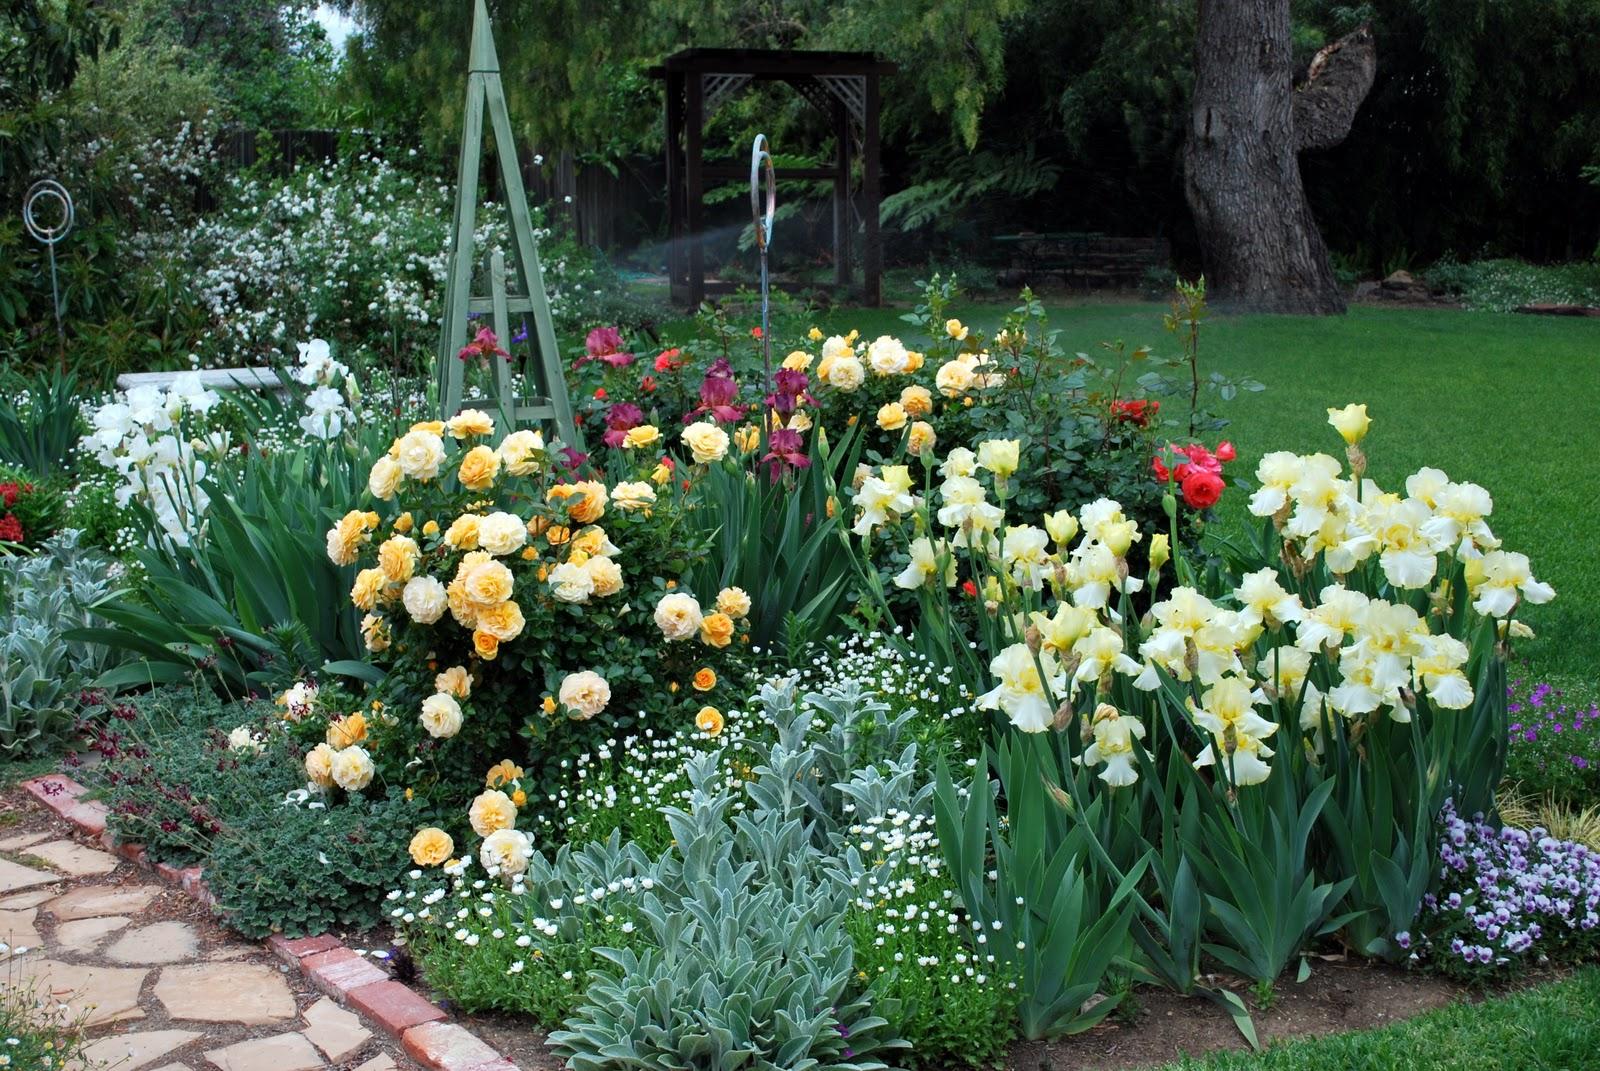 ᐉ ирисы с какими цветами сочетаются на клумбе - godacha.ru